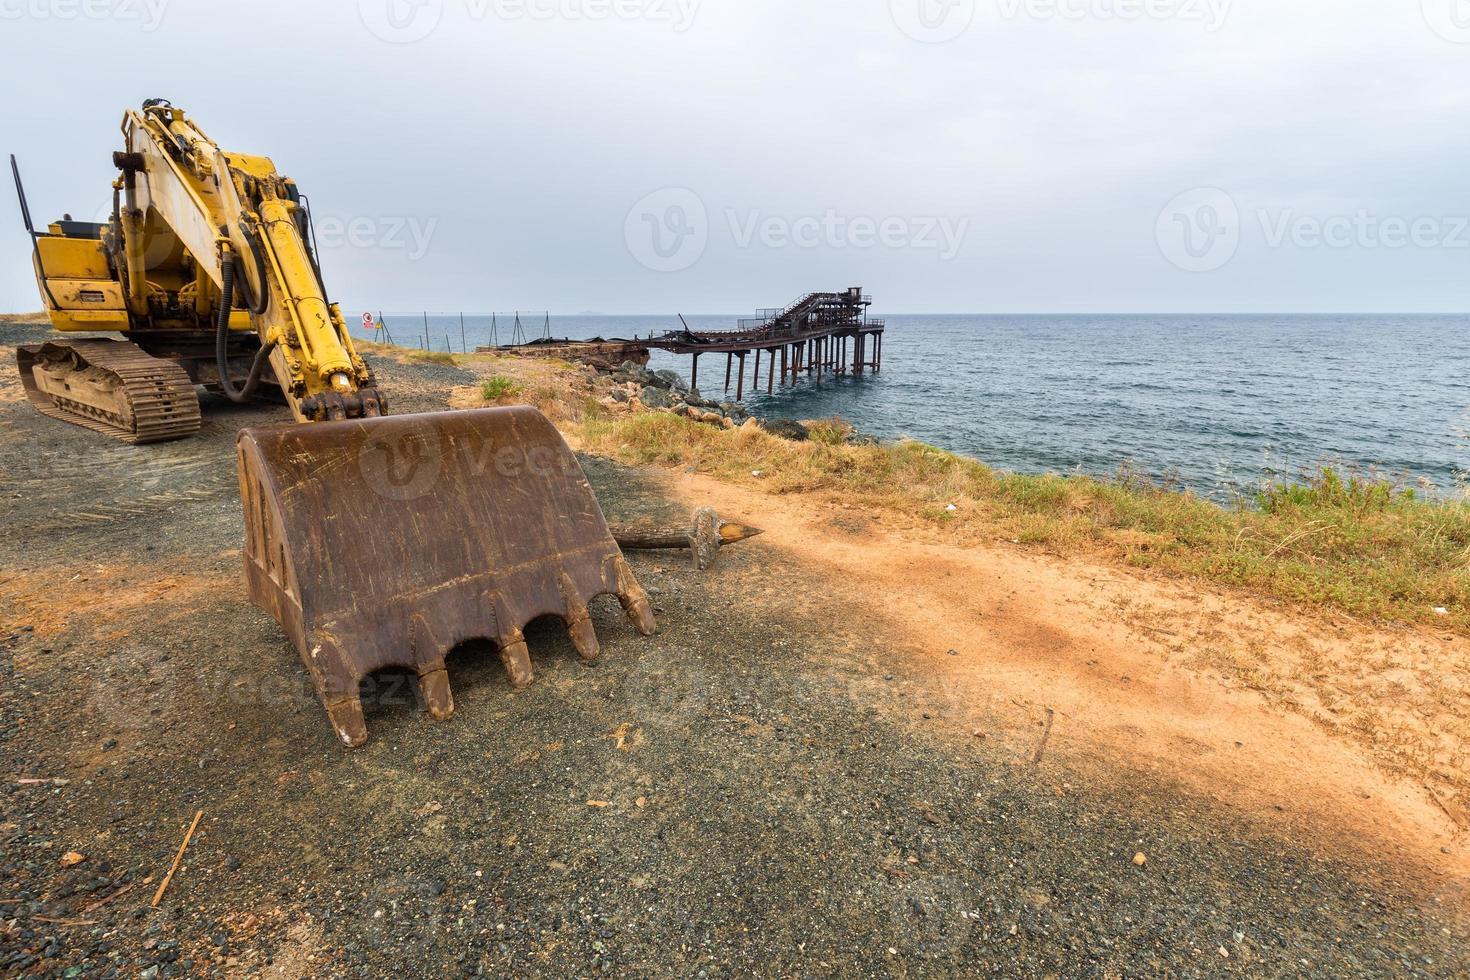 escavatore in piedi sul molo foto